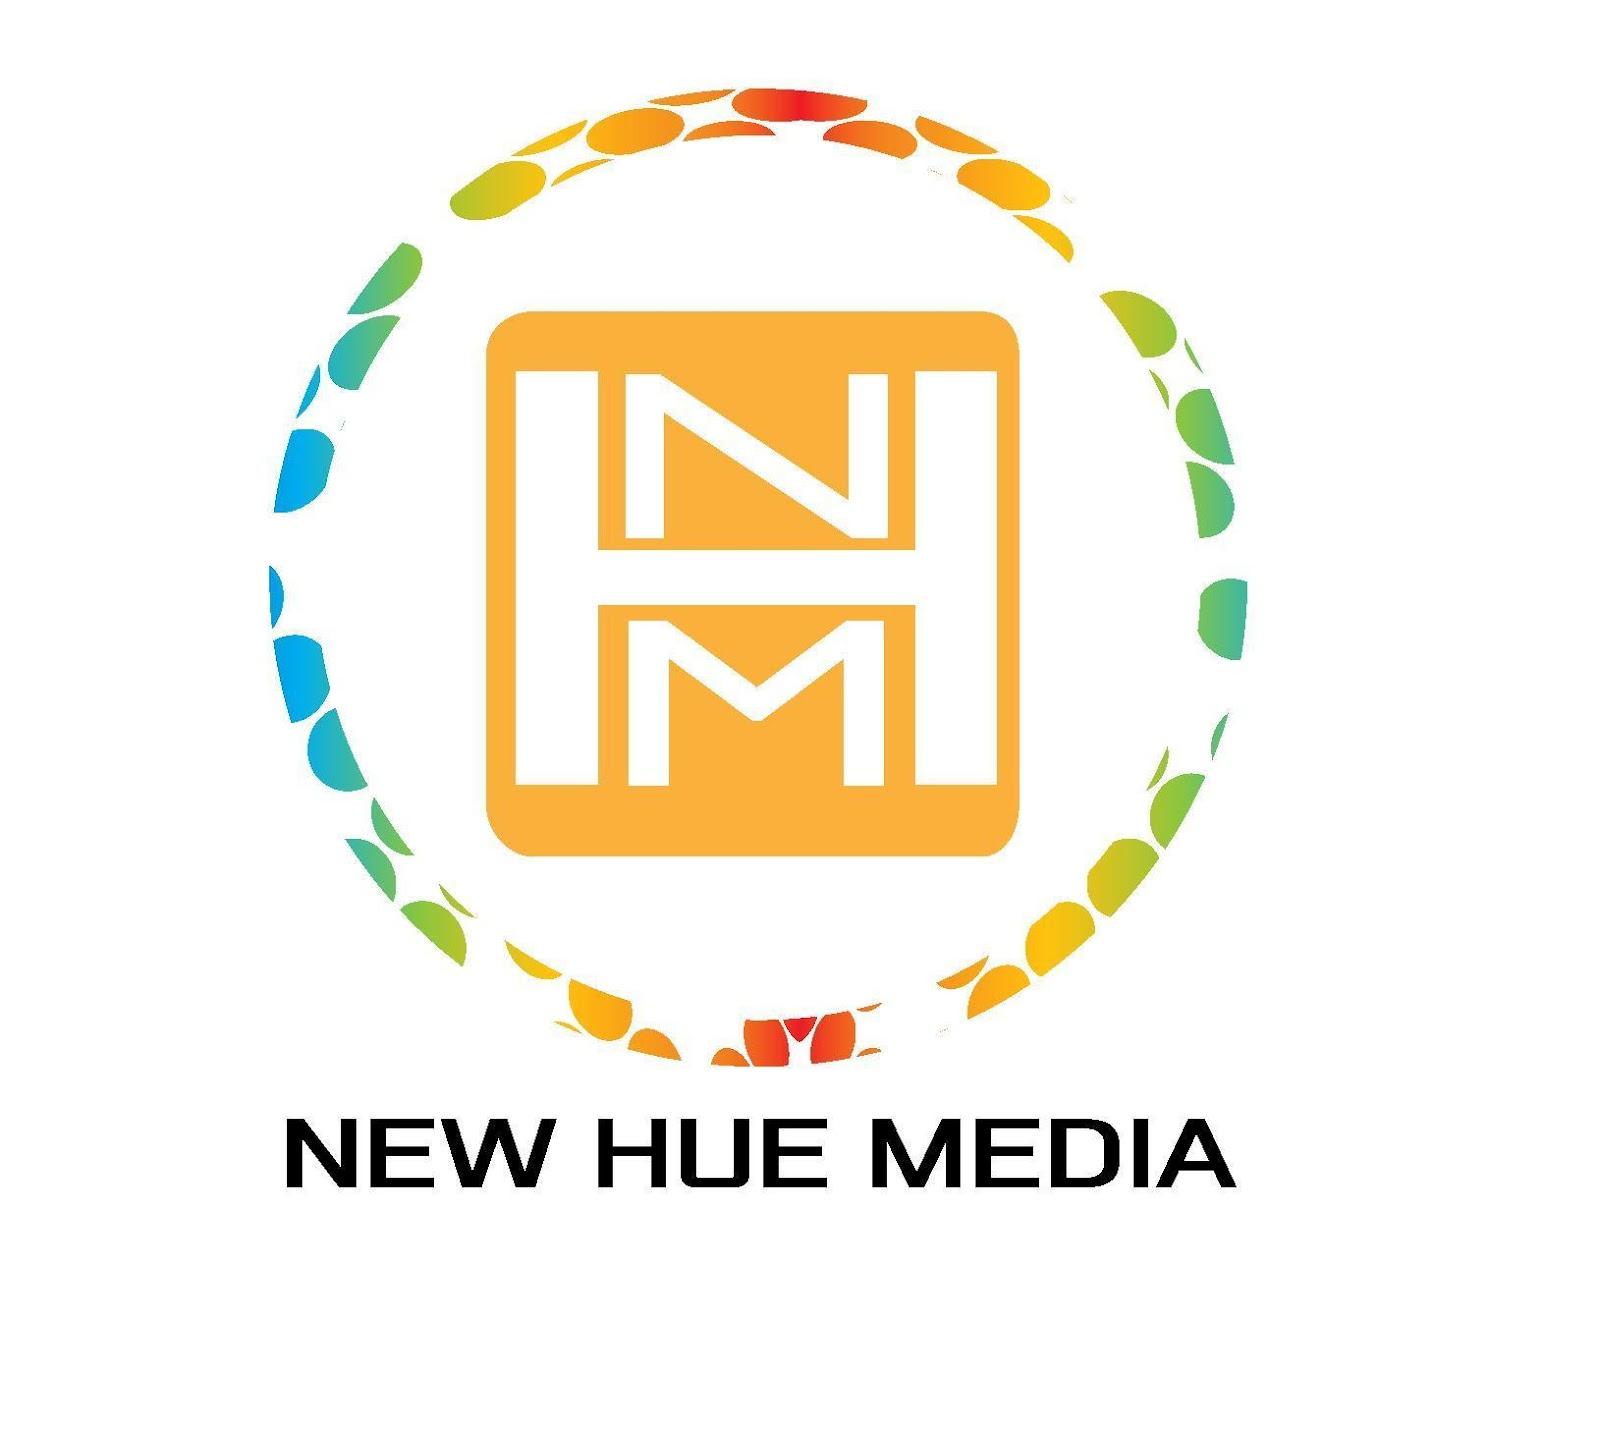 new hue media logo